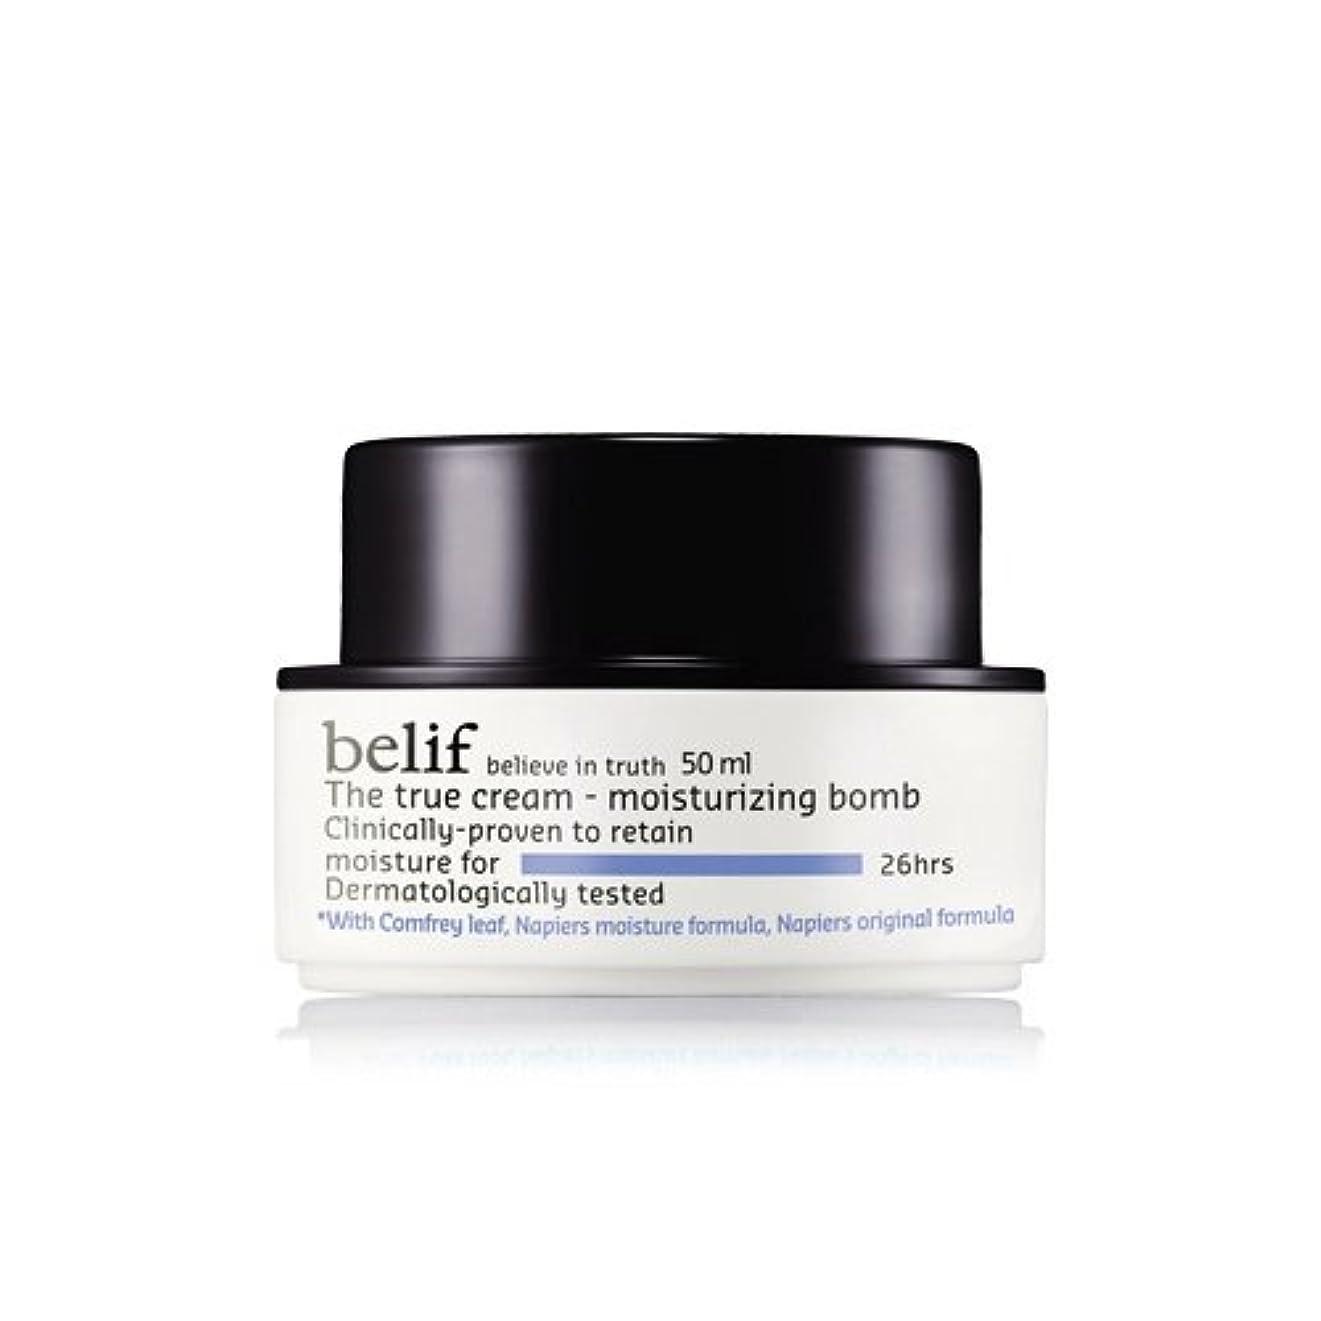 プロット変成器アパル『belif The true cream-moisturizing bomb 50ml』 ビリーフ 水分爆弾クリーム50ml 【福袋】